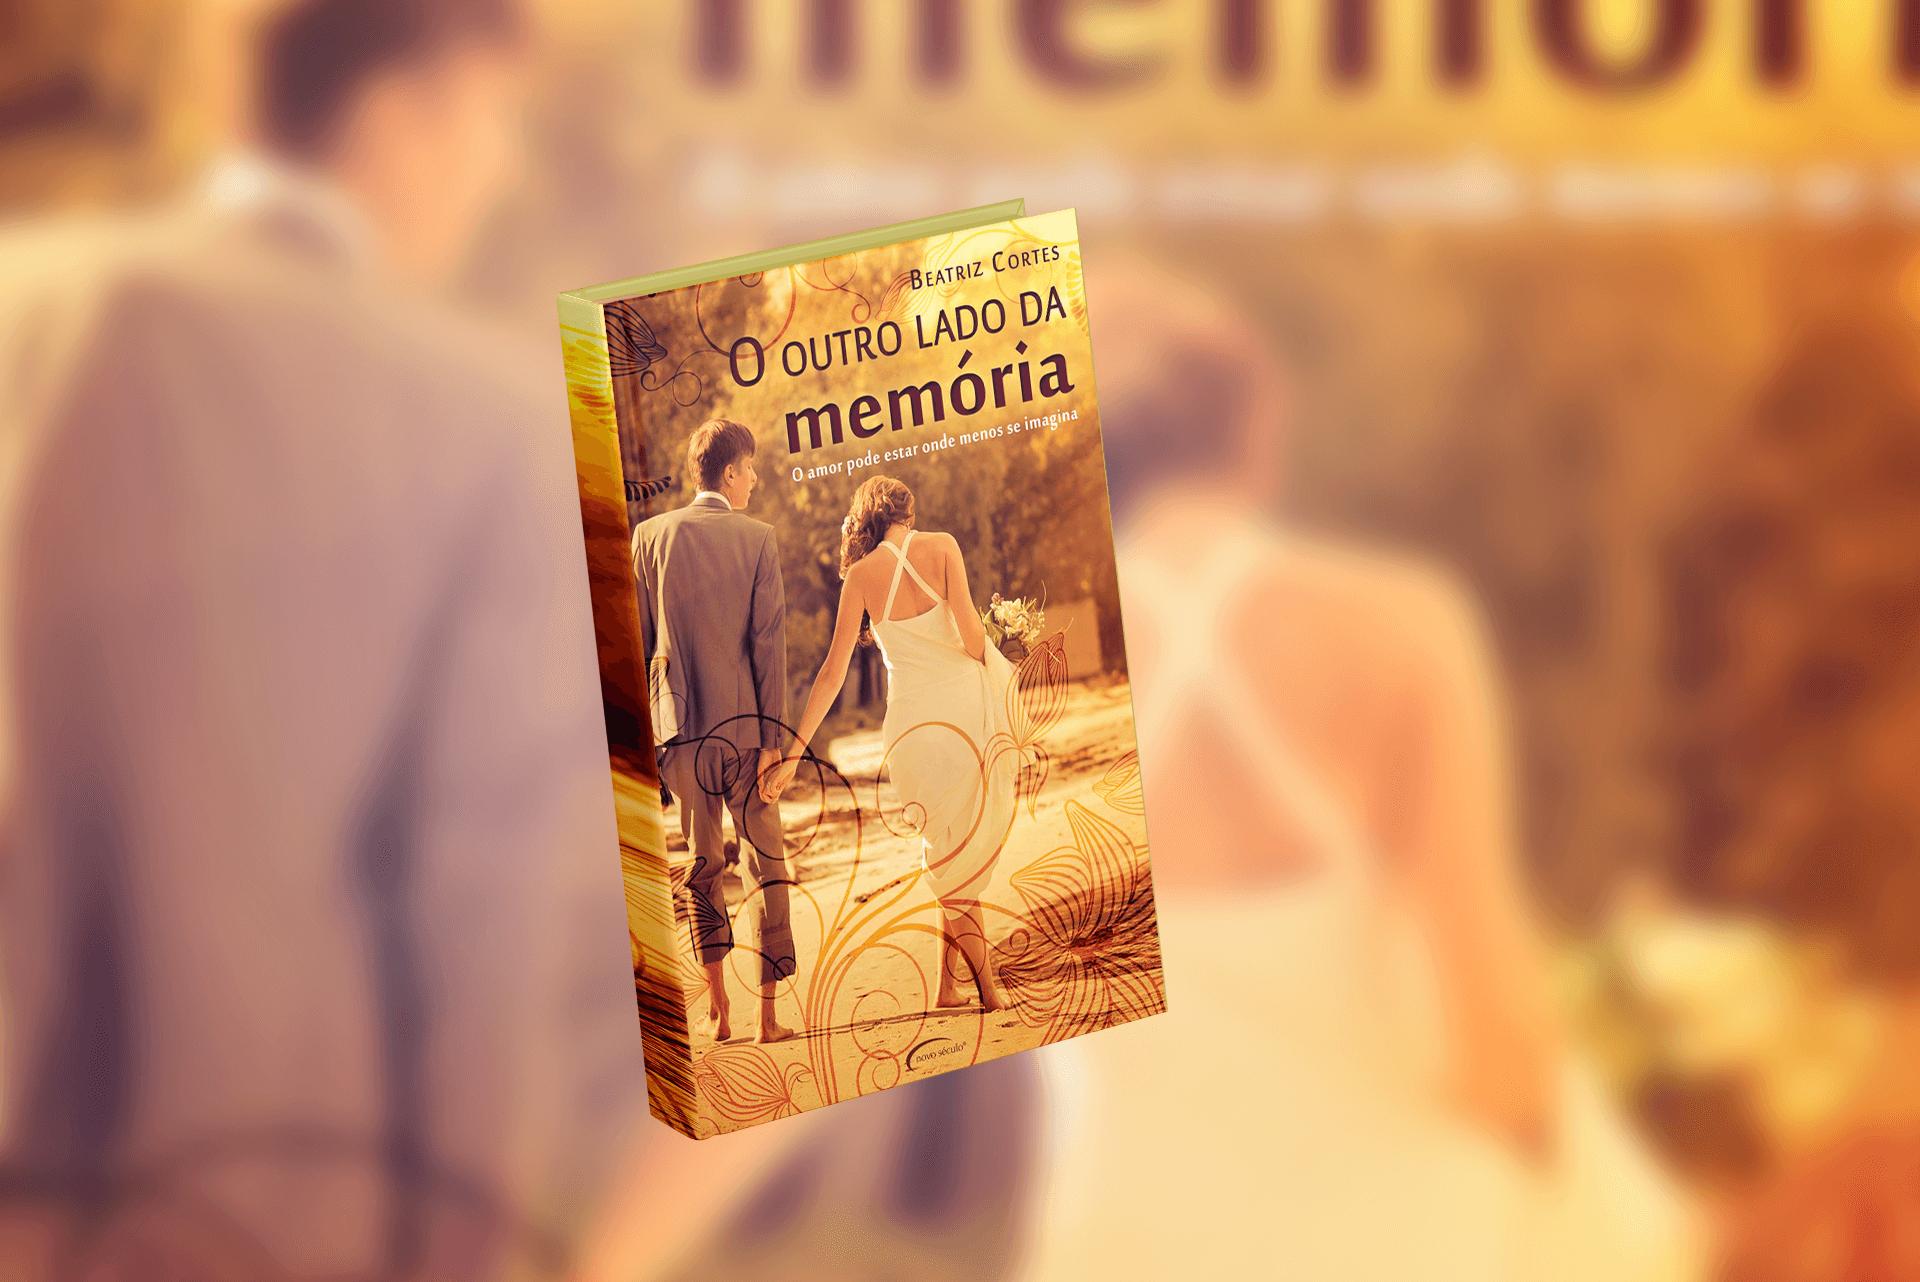 O outro lado da memória: o amor pode estar onde menos se imagina